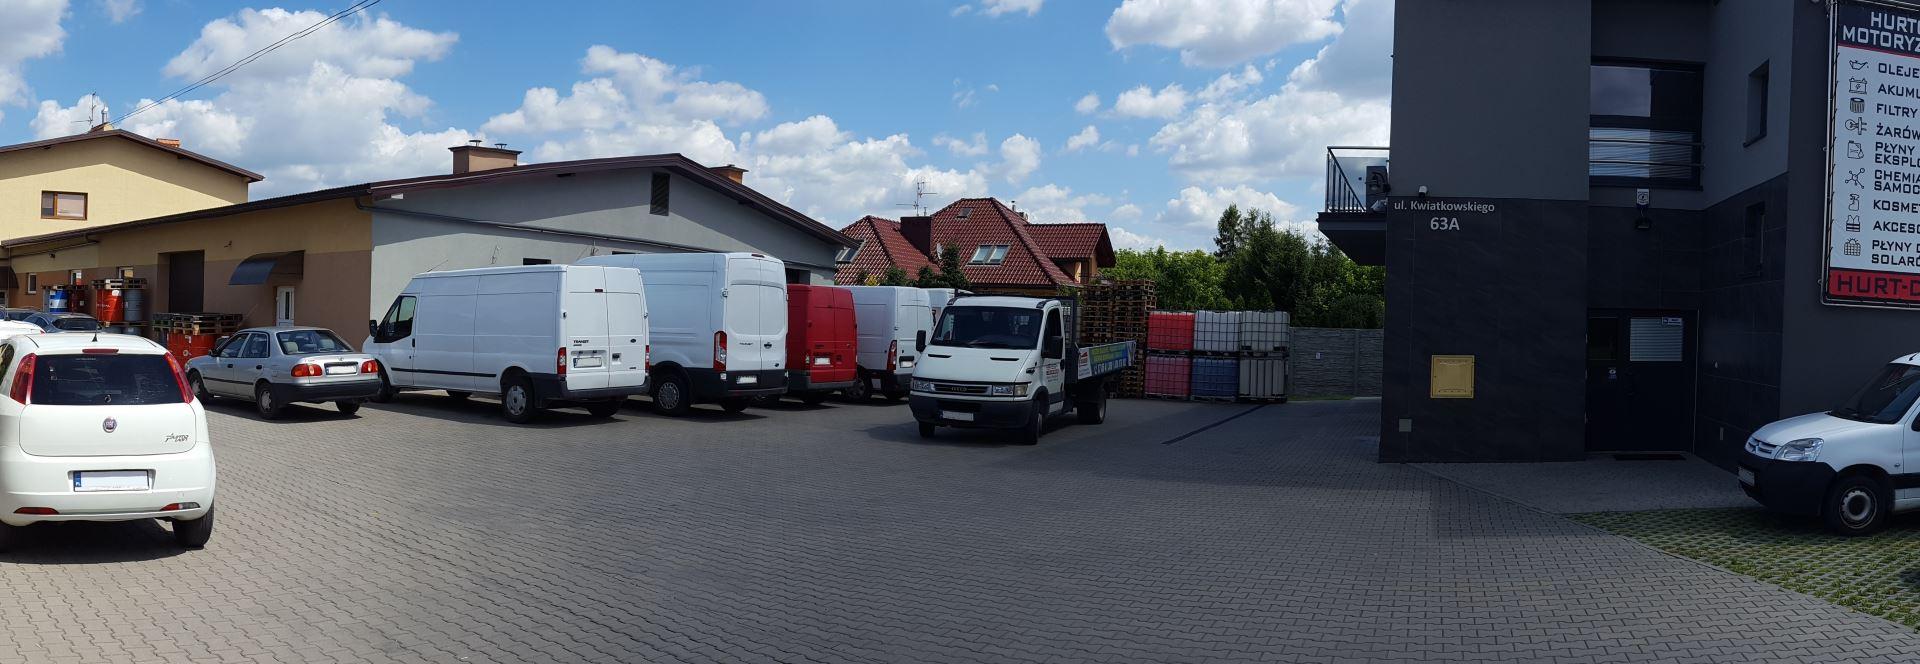 Inter-Mix hurtownia motoryzacyjna - image budynek on http://inter-mix.eu